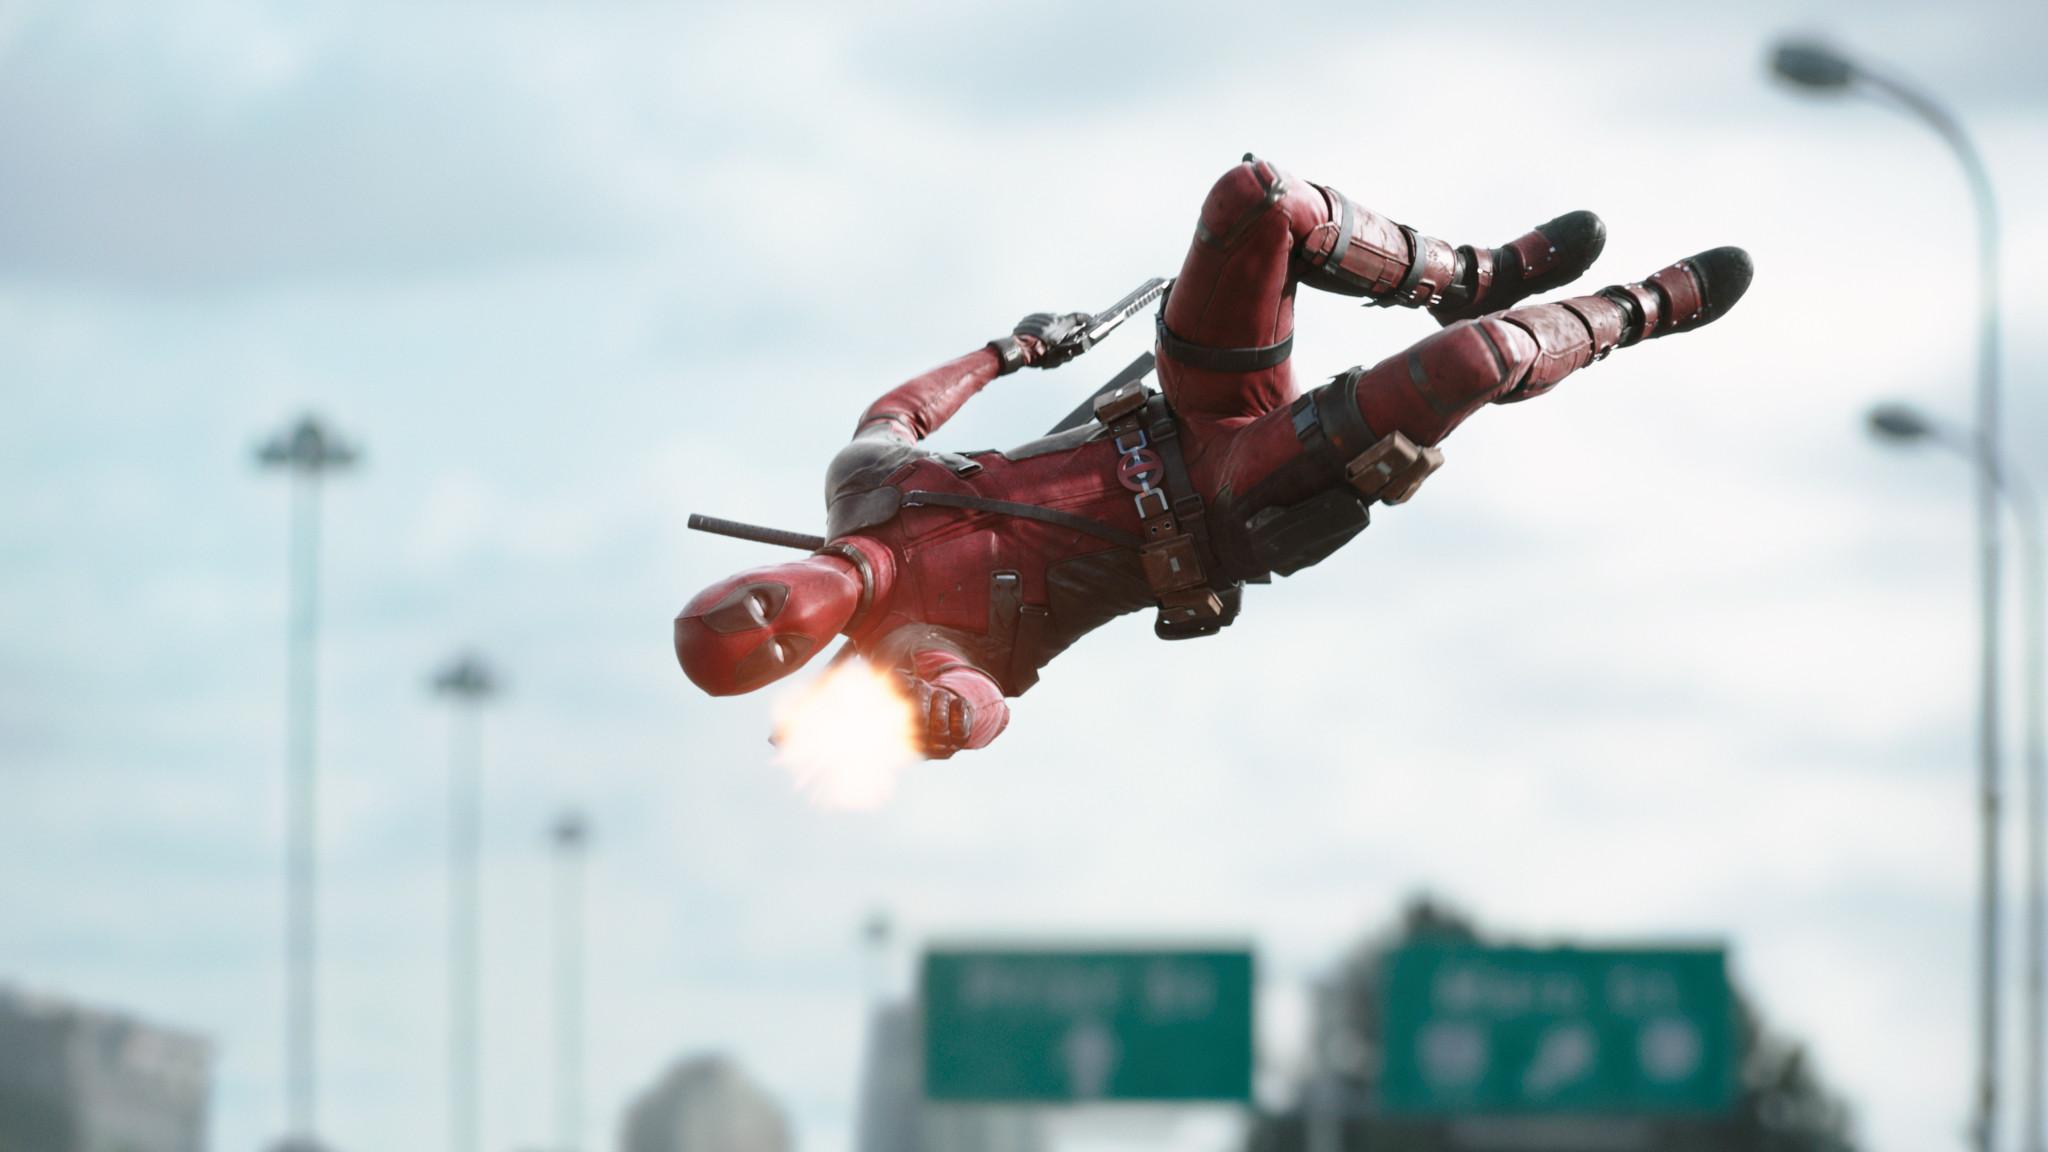 Deadpool_movie_gunfire. Deadpool_movie_teddy